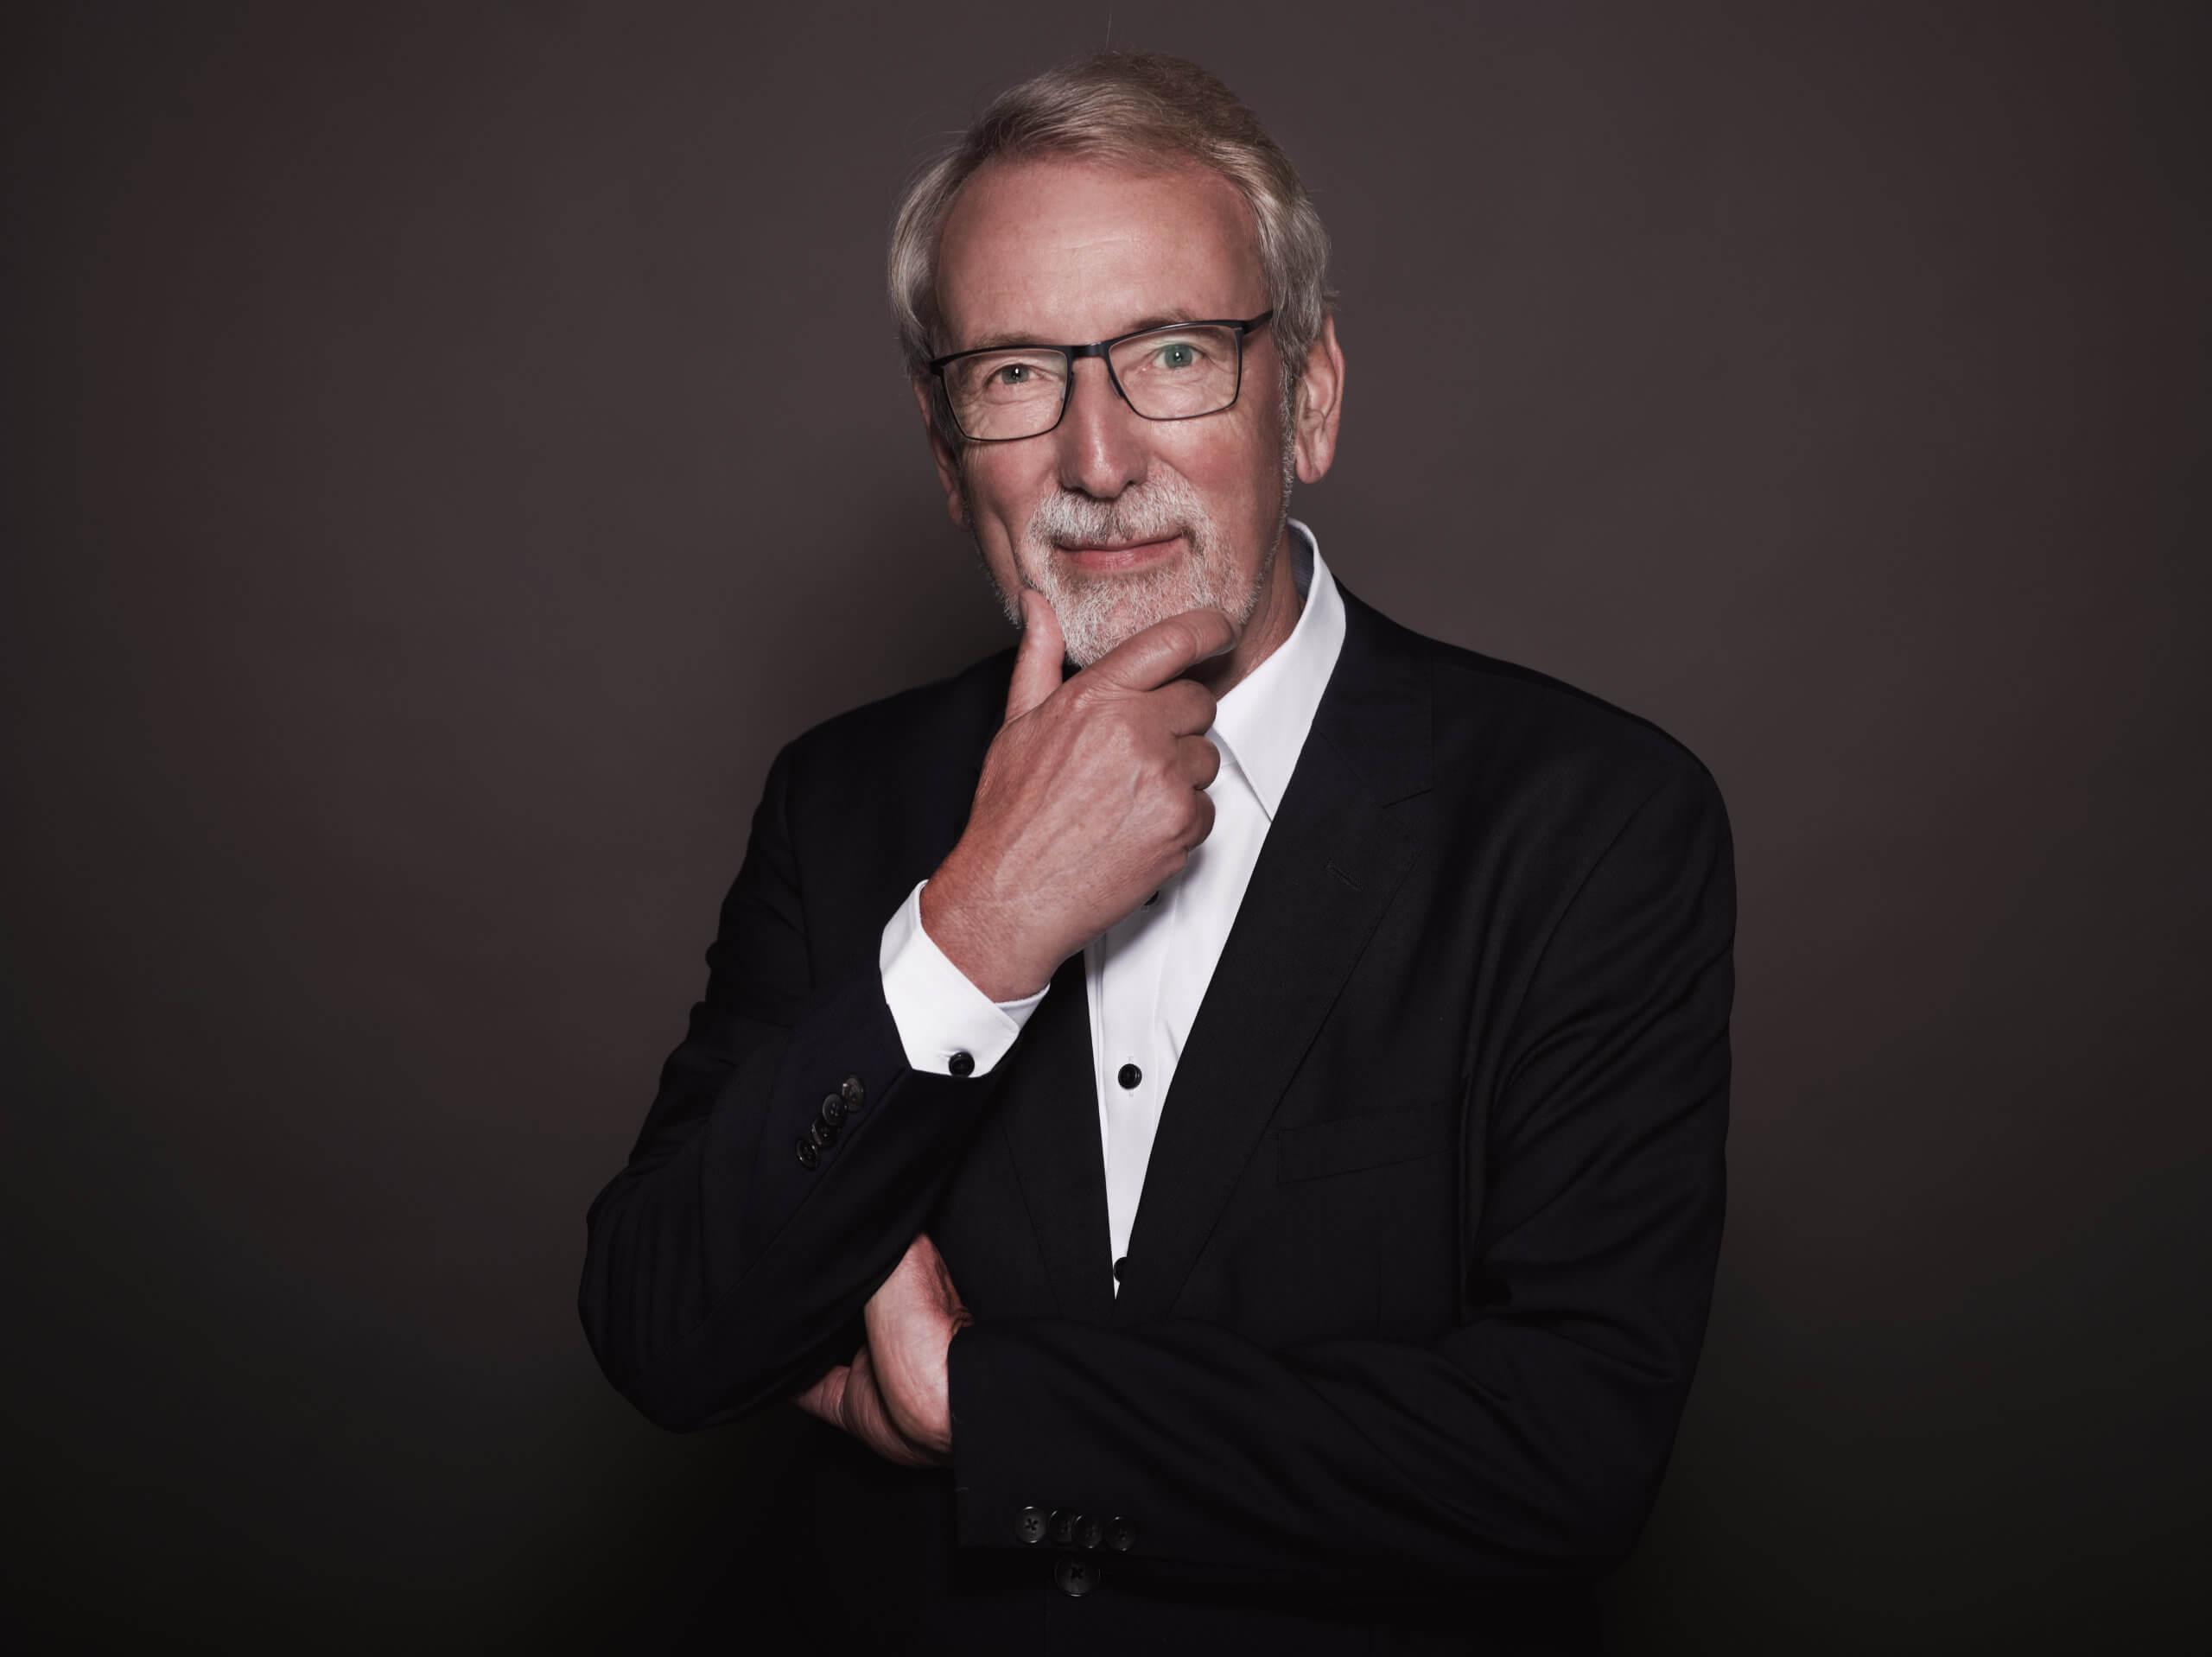 Bernd von der Heide, Founder & CEO